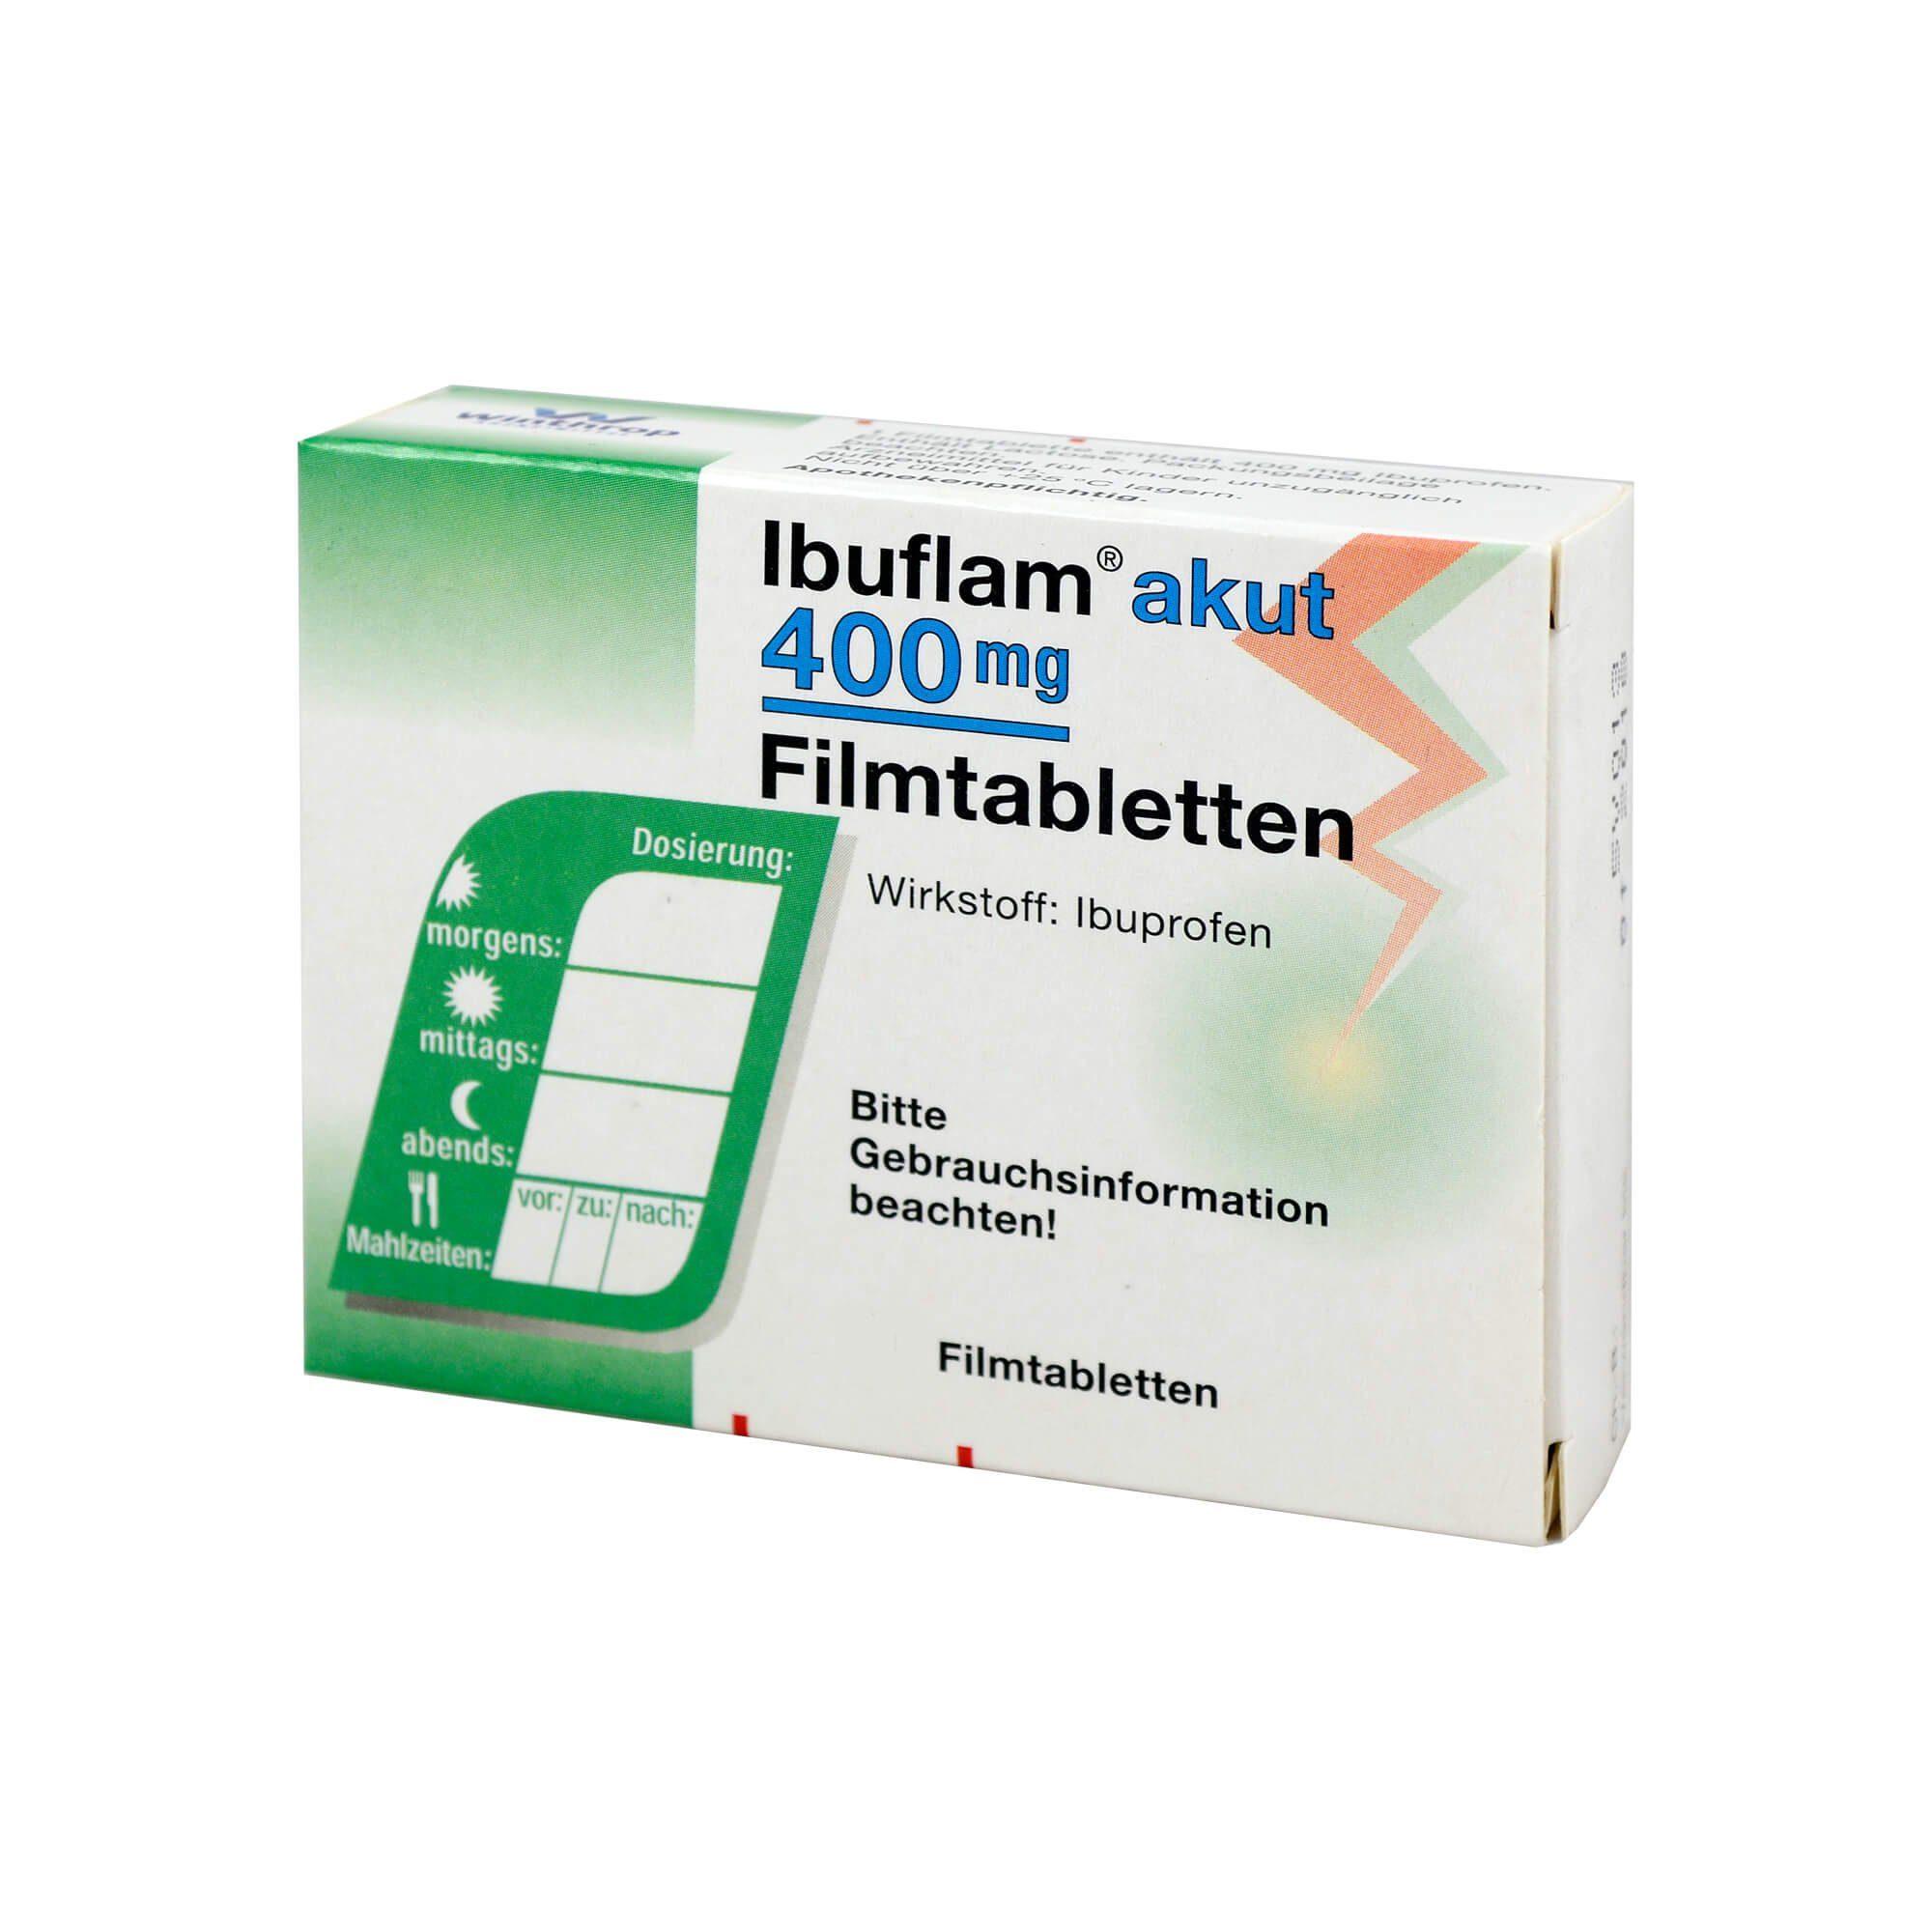 Ibuflam Akut 400 mg Filmtabletten , 10 St